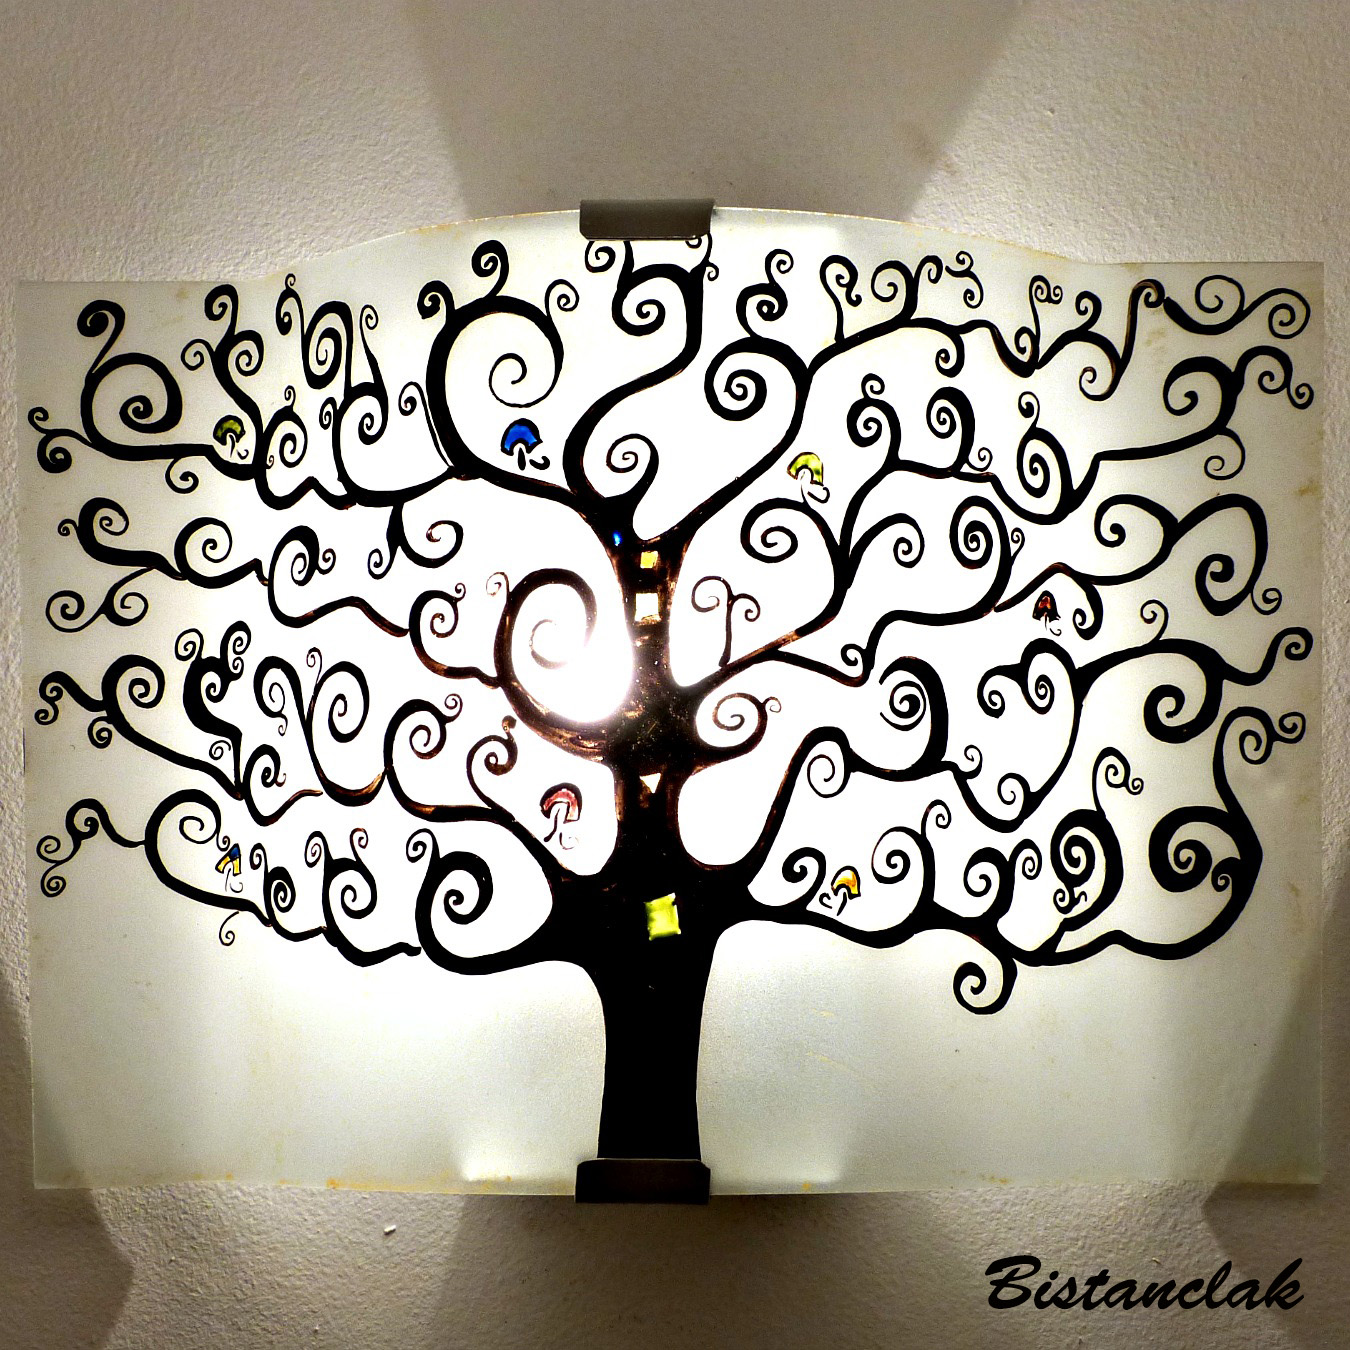 applique artisanale noire et blanche motif arbre de vie